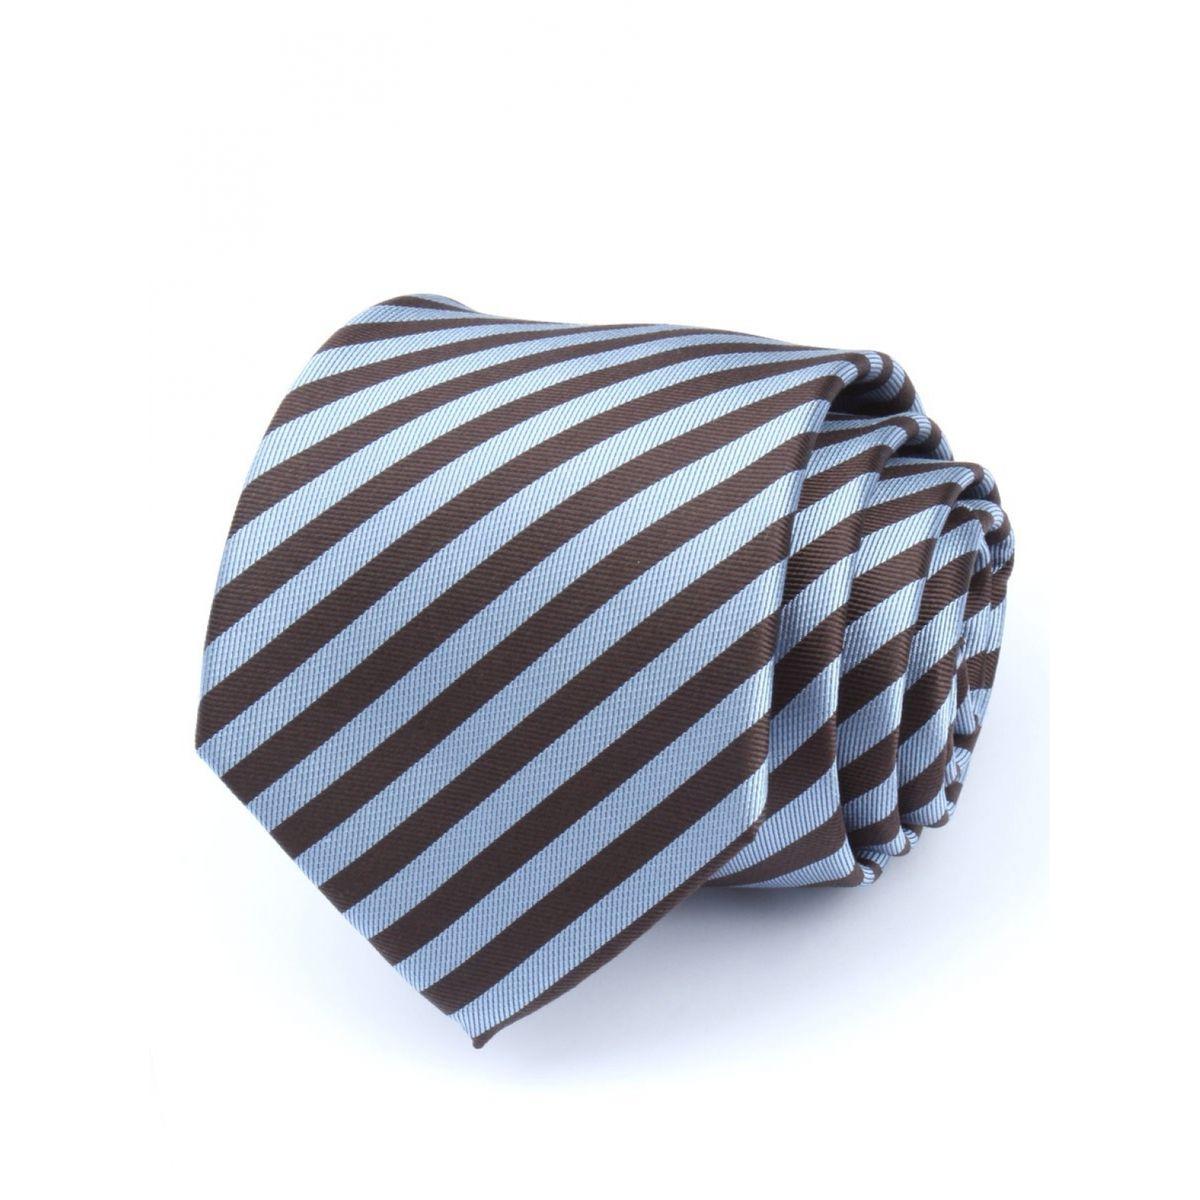 image Cravate club pure soie chevrons rayés bleu ciel et marron